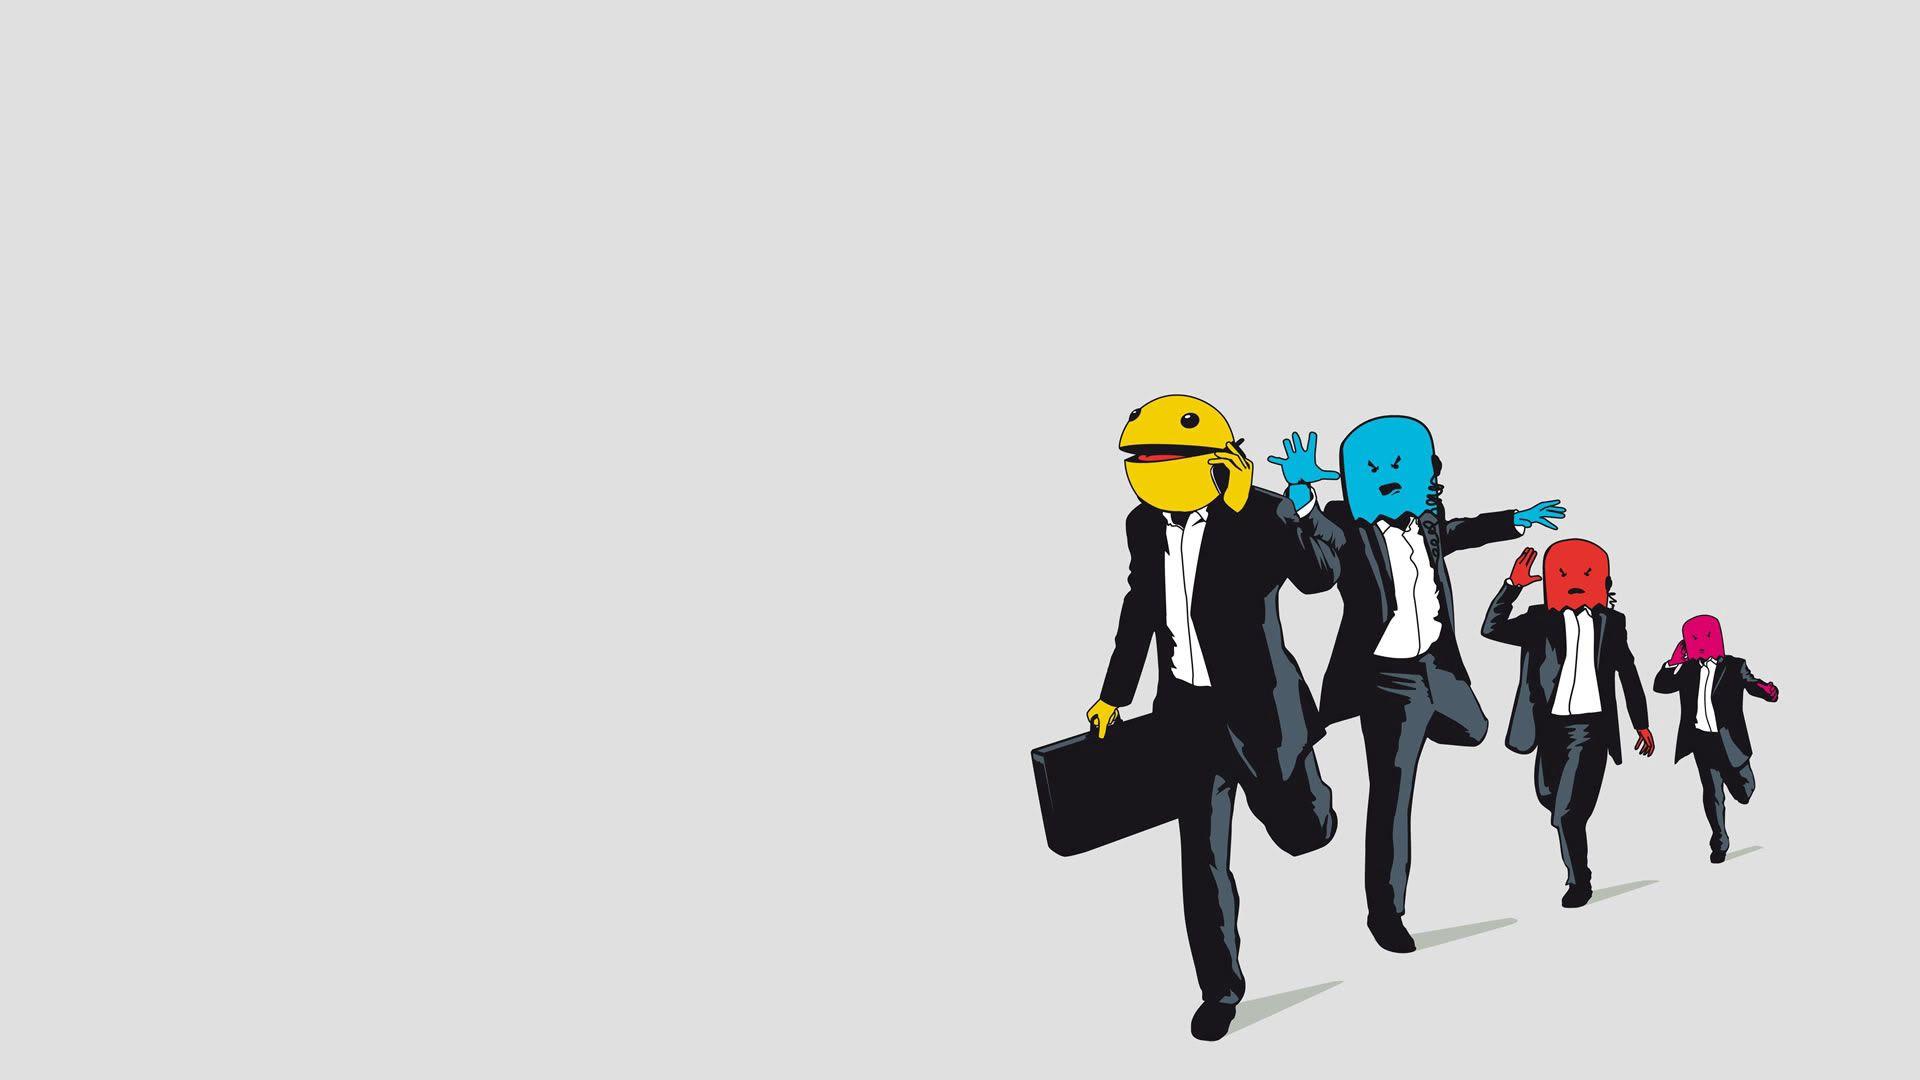 96918 Protetores de tela e papéis de parede Monstros em seu telefone. Baixe Monstros, Vetor, Corre, Executando, Fantasias, Trajes, Pac-Man fotos gratuitamente